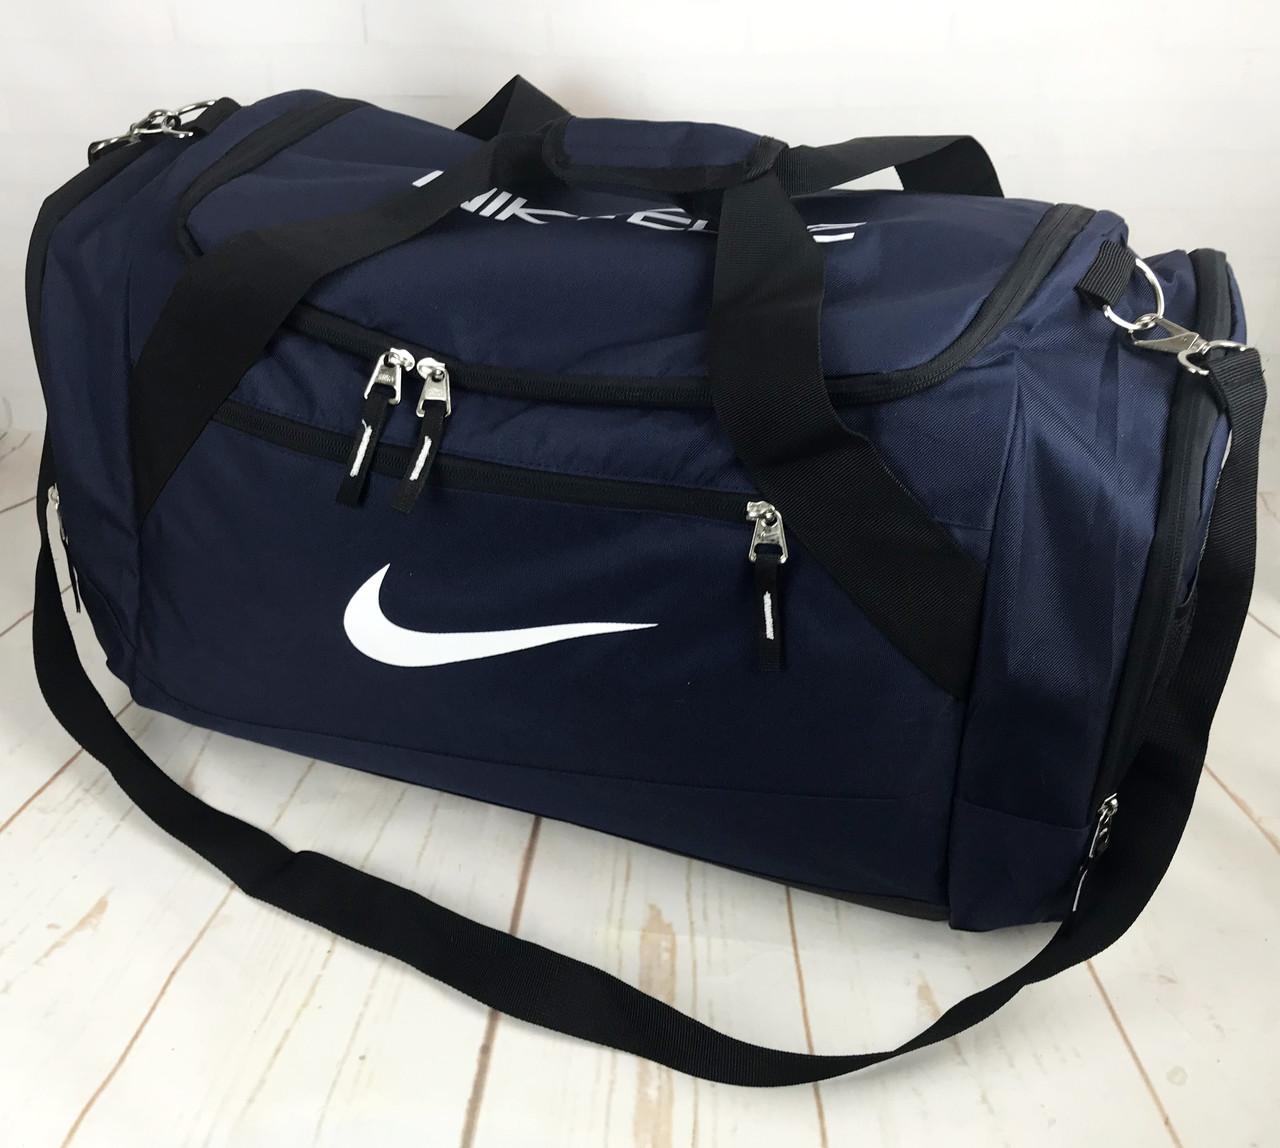 7a9824f84ac9 Большая дорожная сумка Nike. Большая спортивная сумка .Сумка в  дорогу.Размер 60 на 29см КСС93, цена 599 грн., купить в Бердянске — Prom.ua  (ID#883099415)